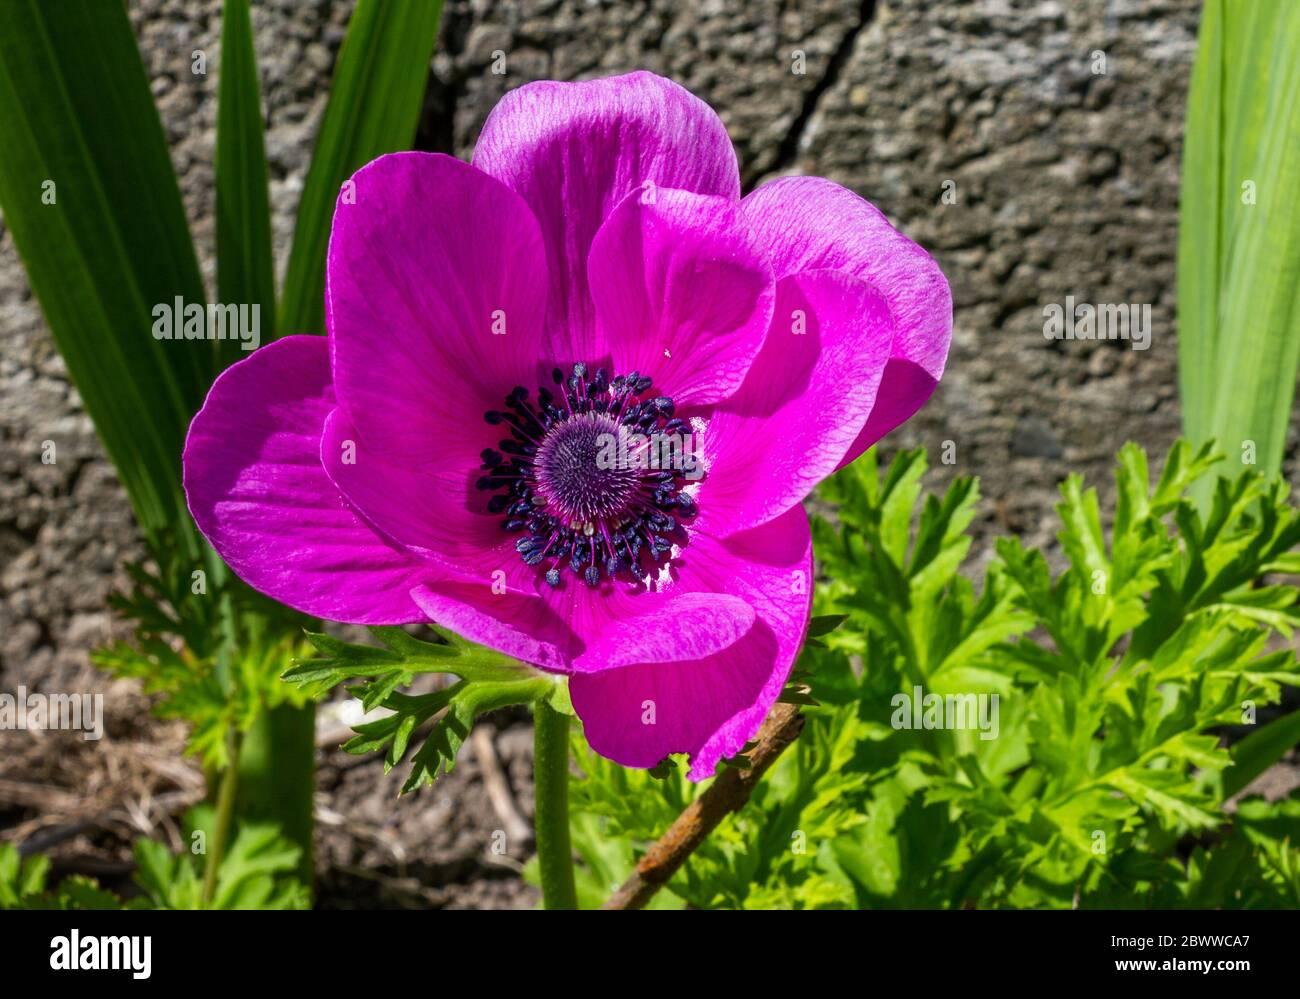 anemone-ranunculaceae-in-full-flower-2BWWCA7.jpg